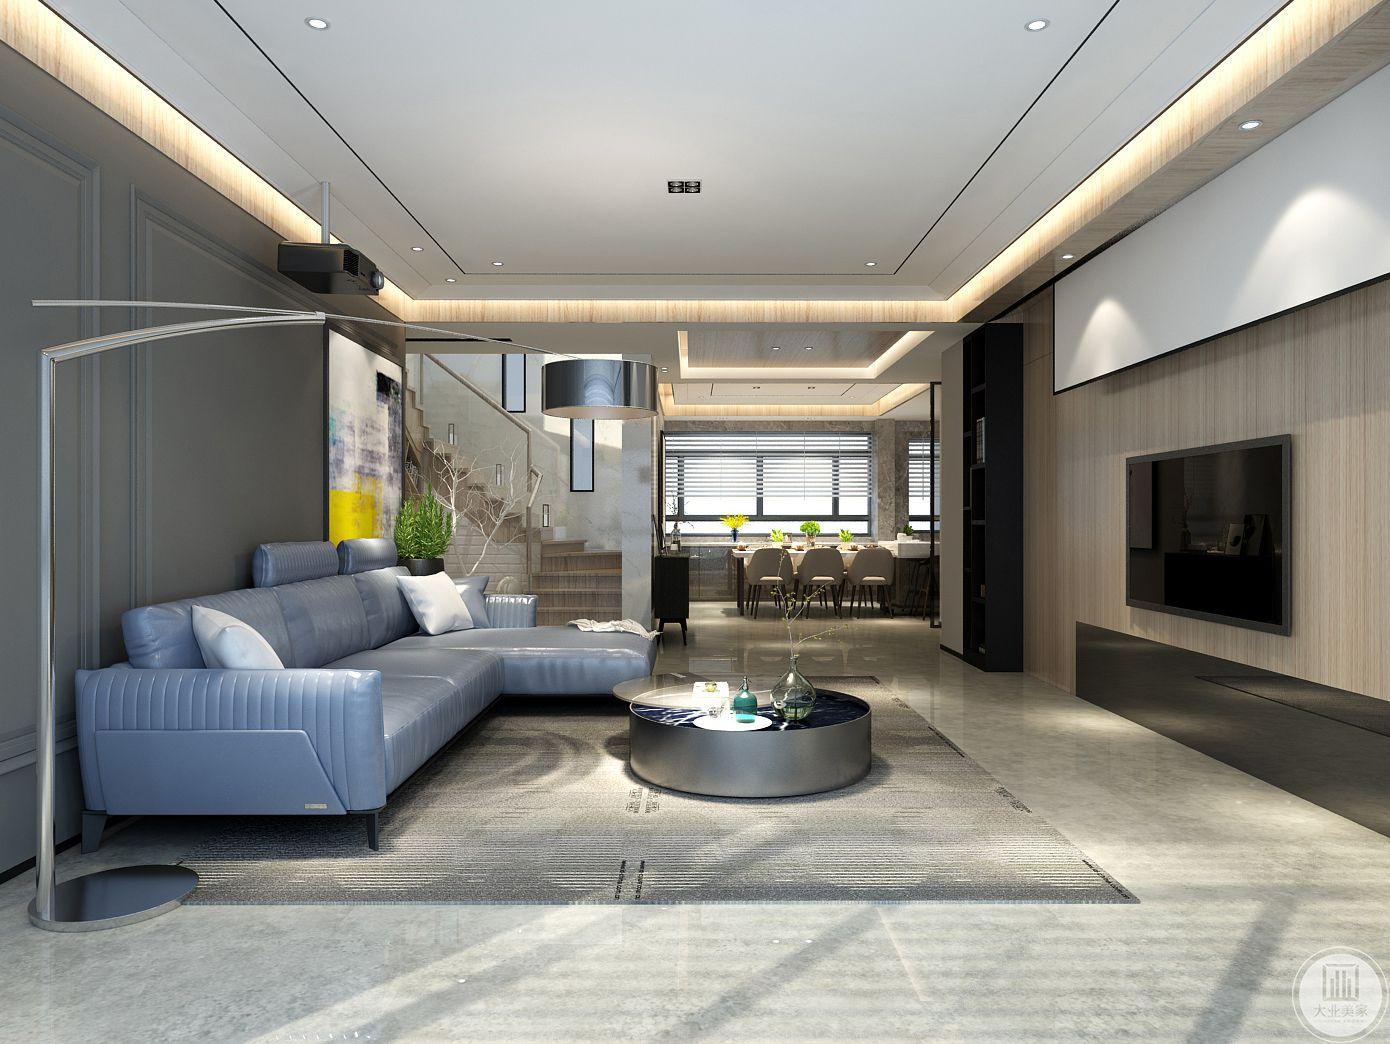 从这个方向可以看到客厅和餐厅的整体布局,地面铺设浅灰色瓷砖,搭配深灰色地毯。